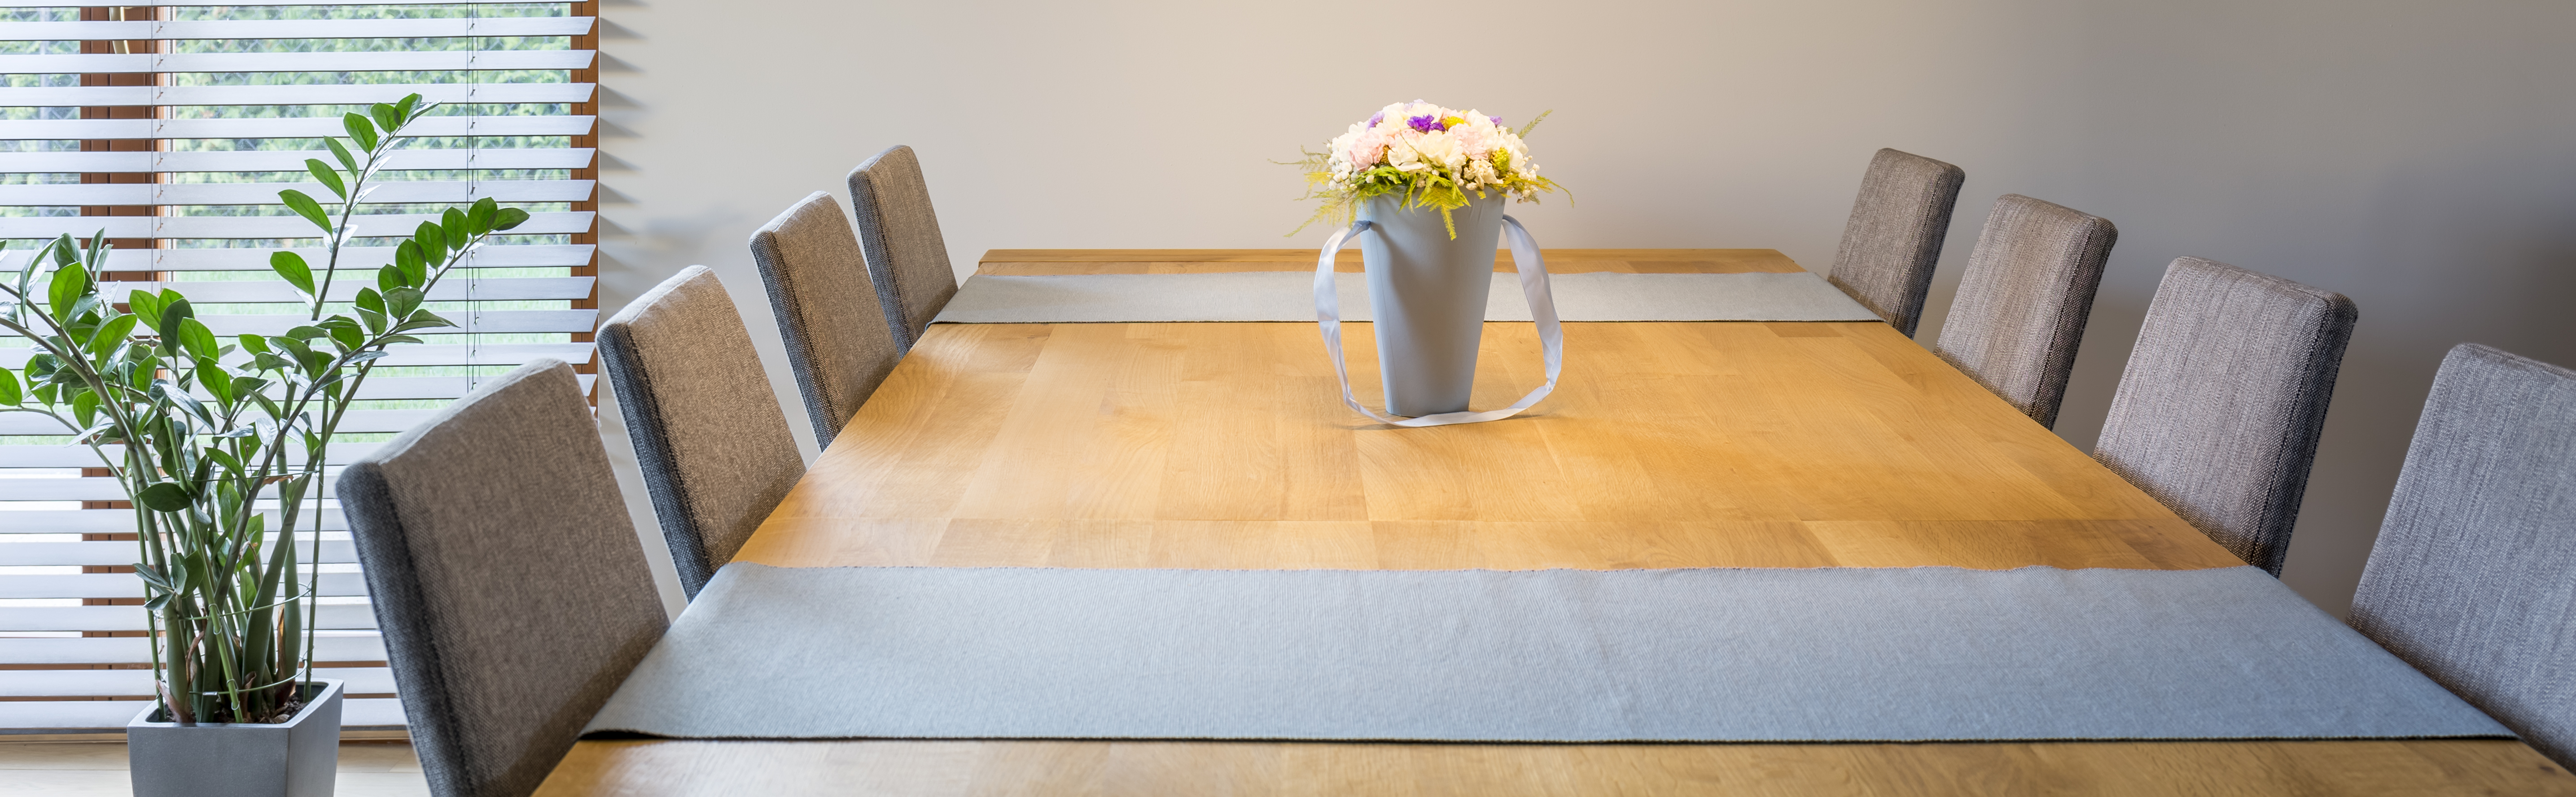 mesa madera a medida